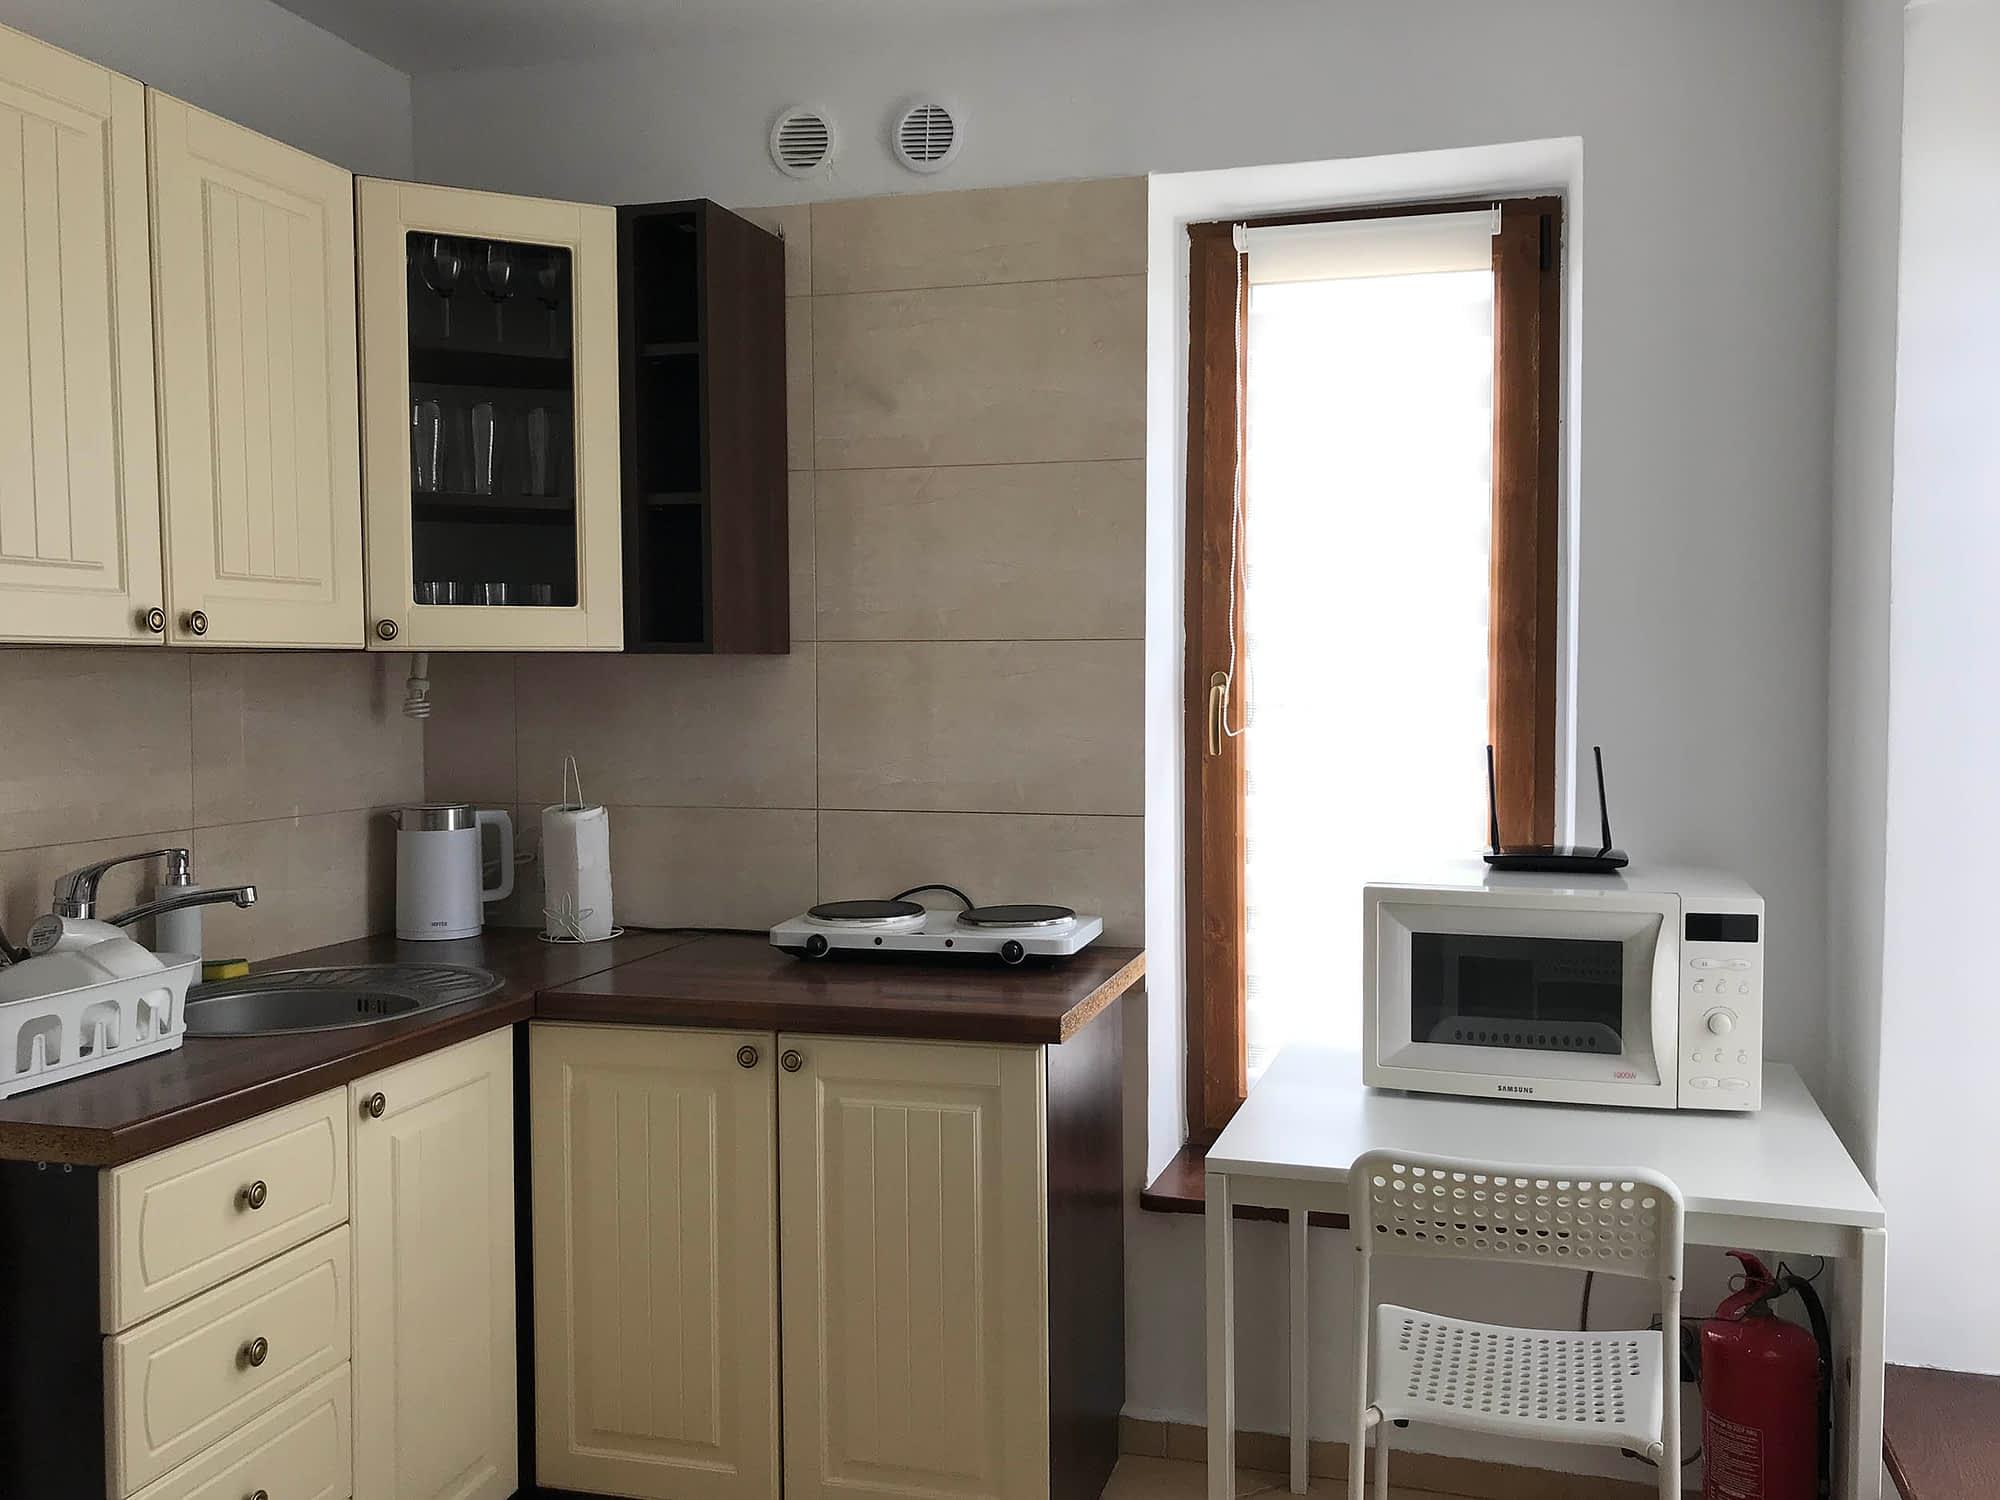 Willa Davia kuchnia 4